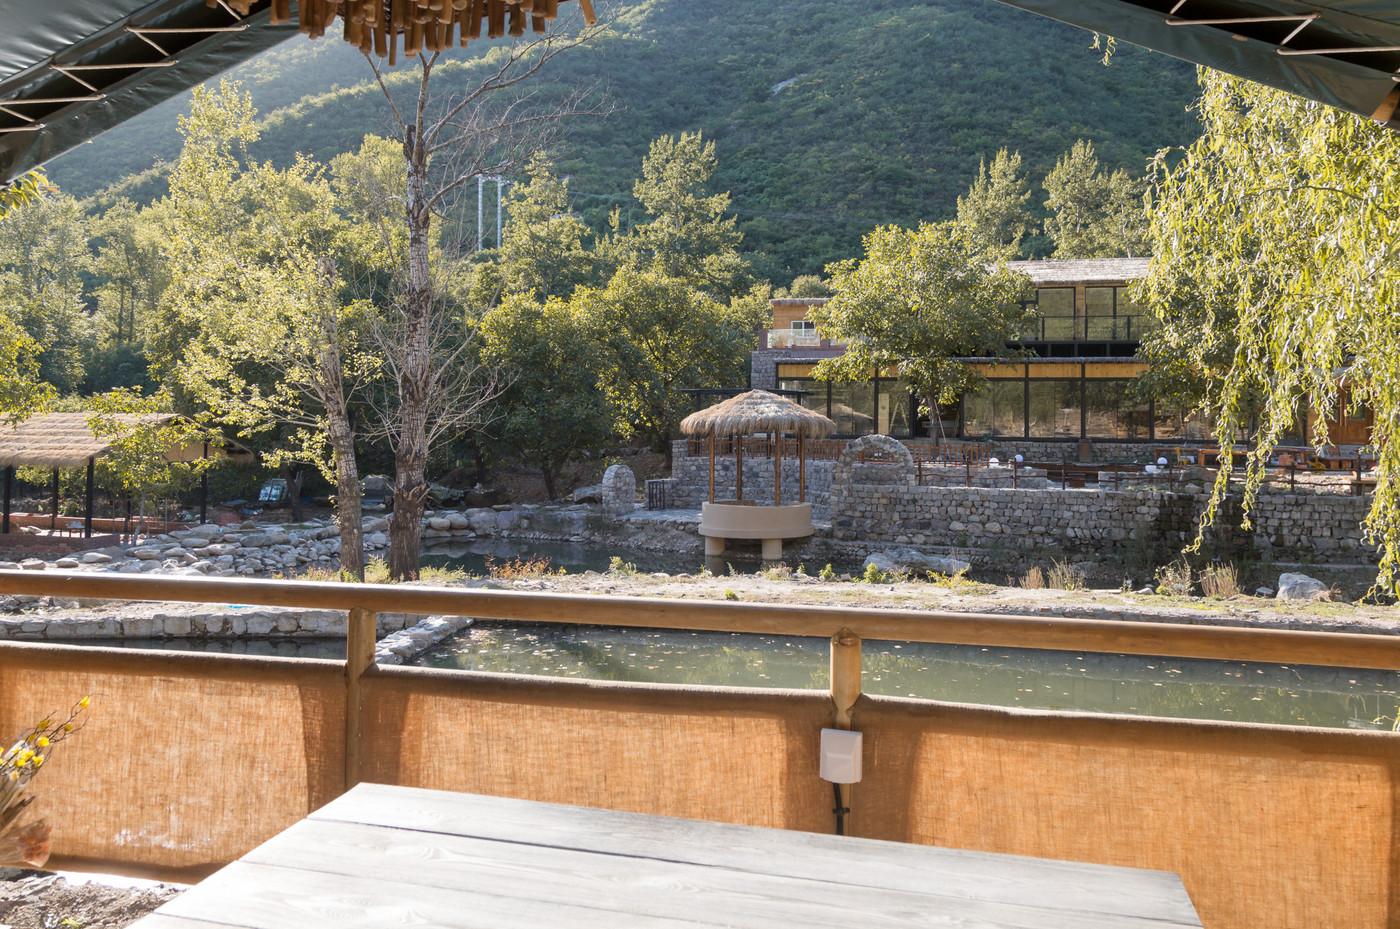 喜马拉雅野奢帐篷酒店一北京石头 剪刀 布一私享院子 54平山谷型  21